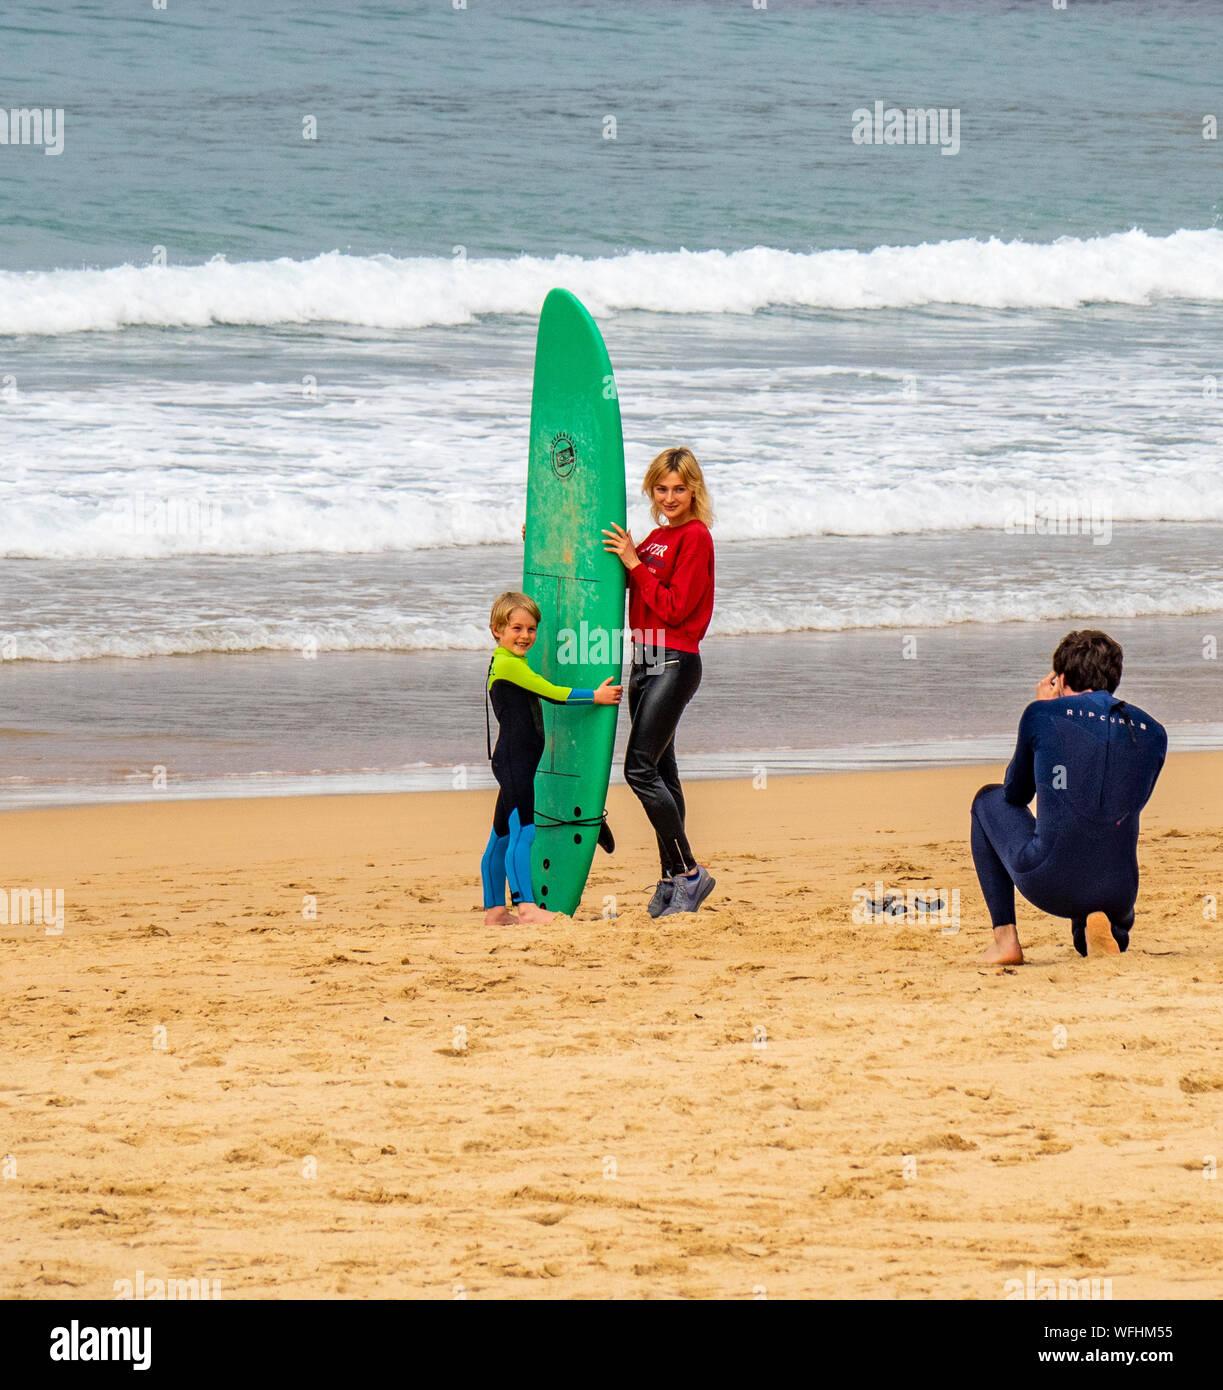 Padre di prendere una fotografia di madre e figlio tenendo un green con la tavola da surf a Manly Beach Sydney NSW Australia. Foto Stock